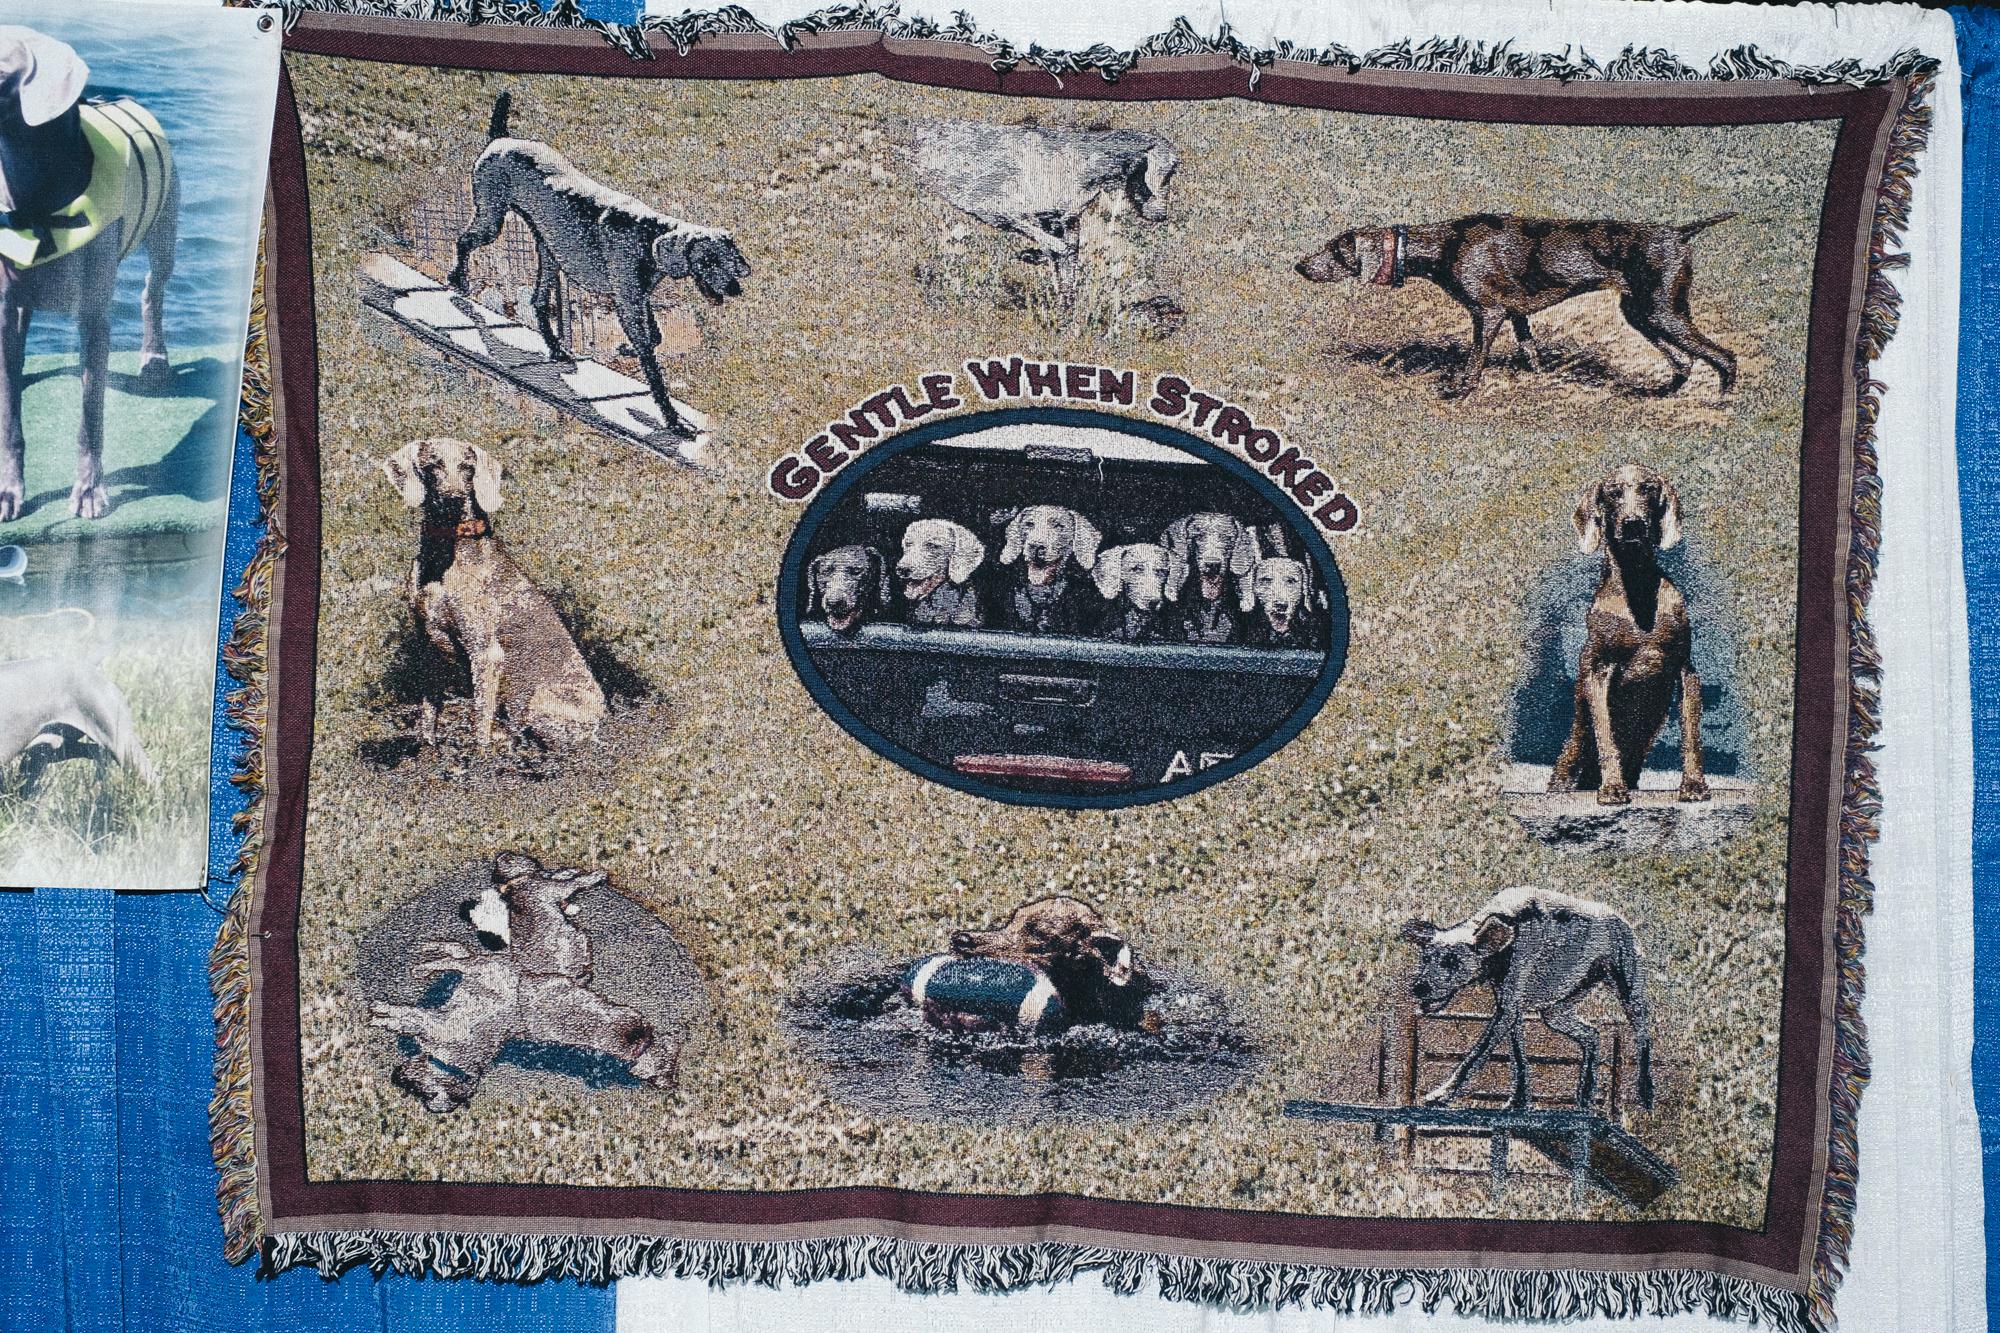 westminster-meet-greet-dogs-16.jpg